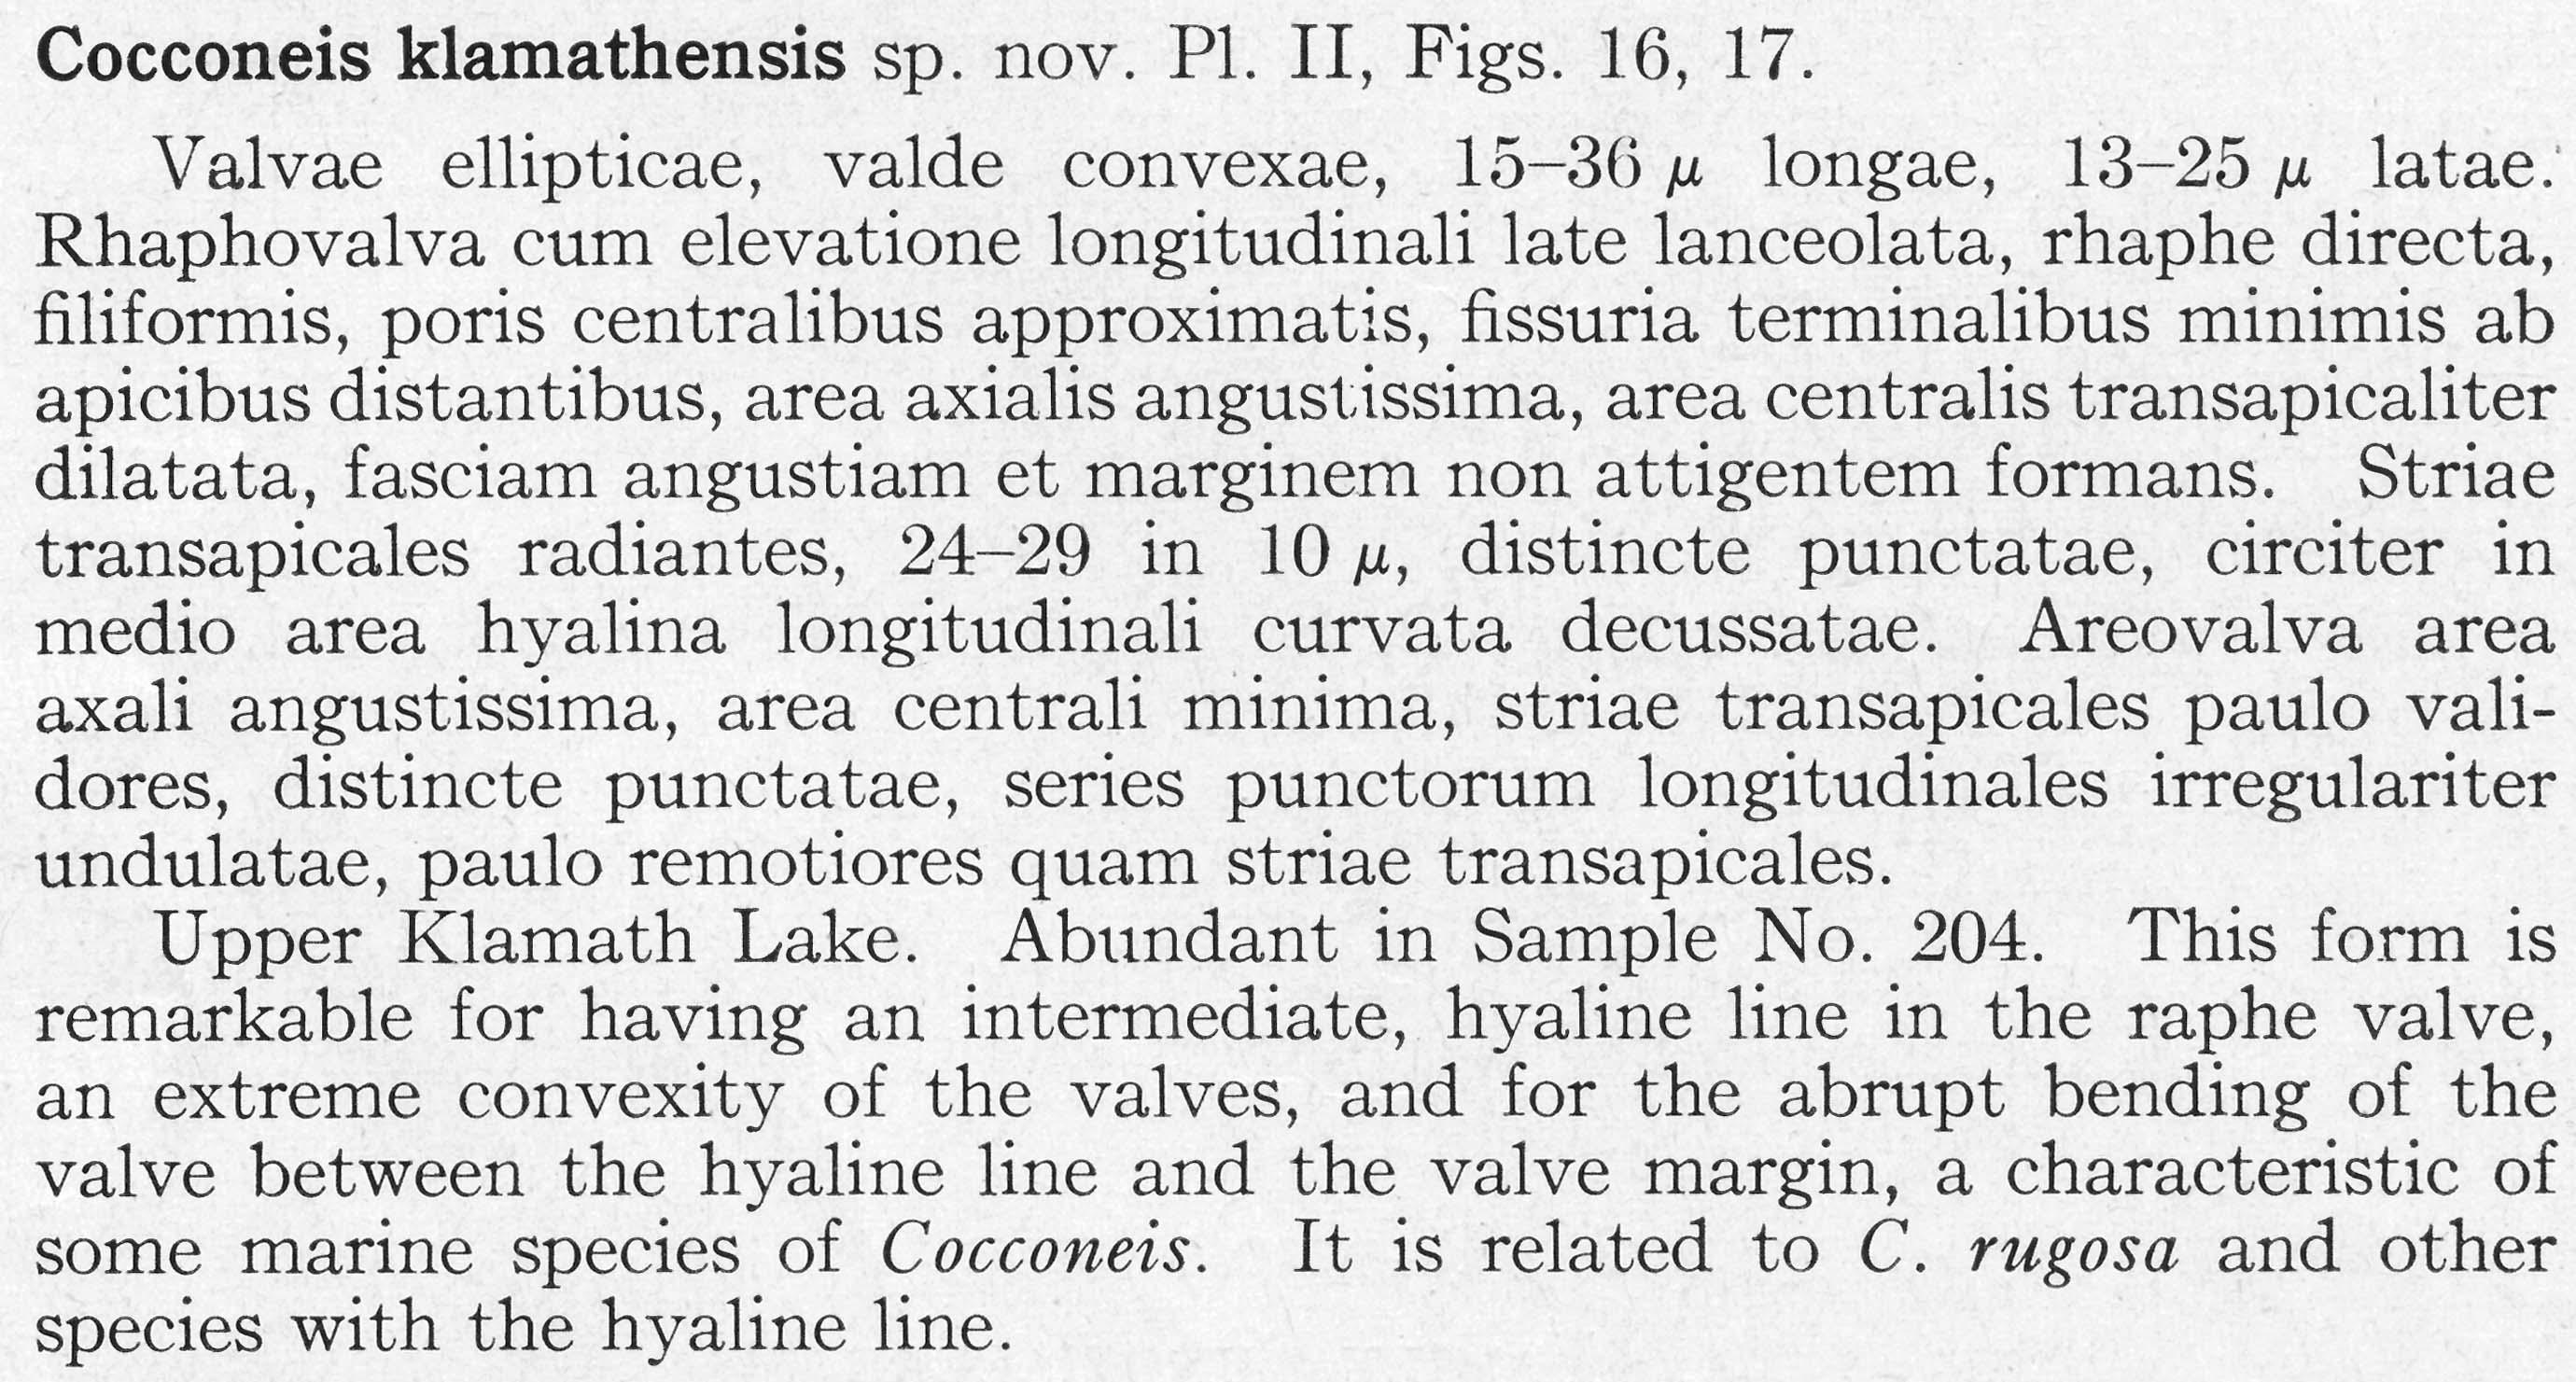 Cocconeis klamathensis orig descr